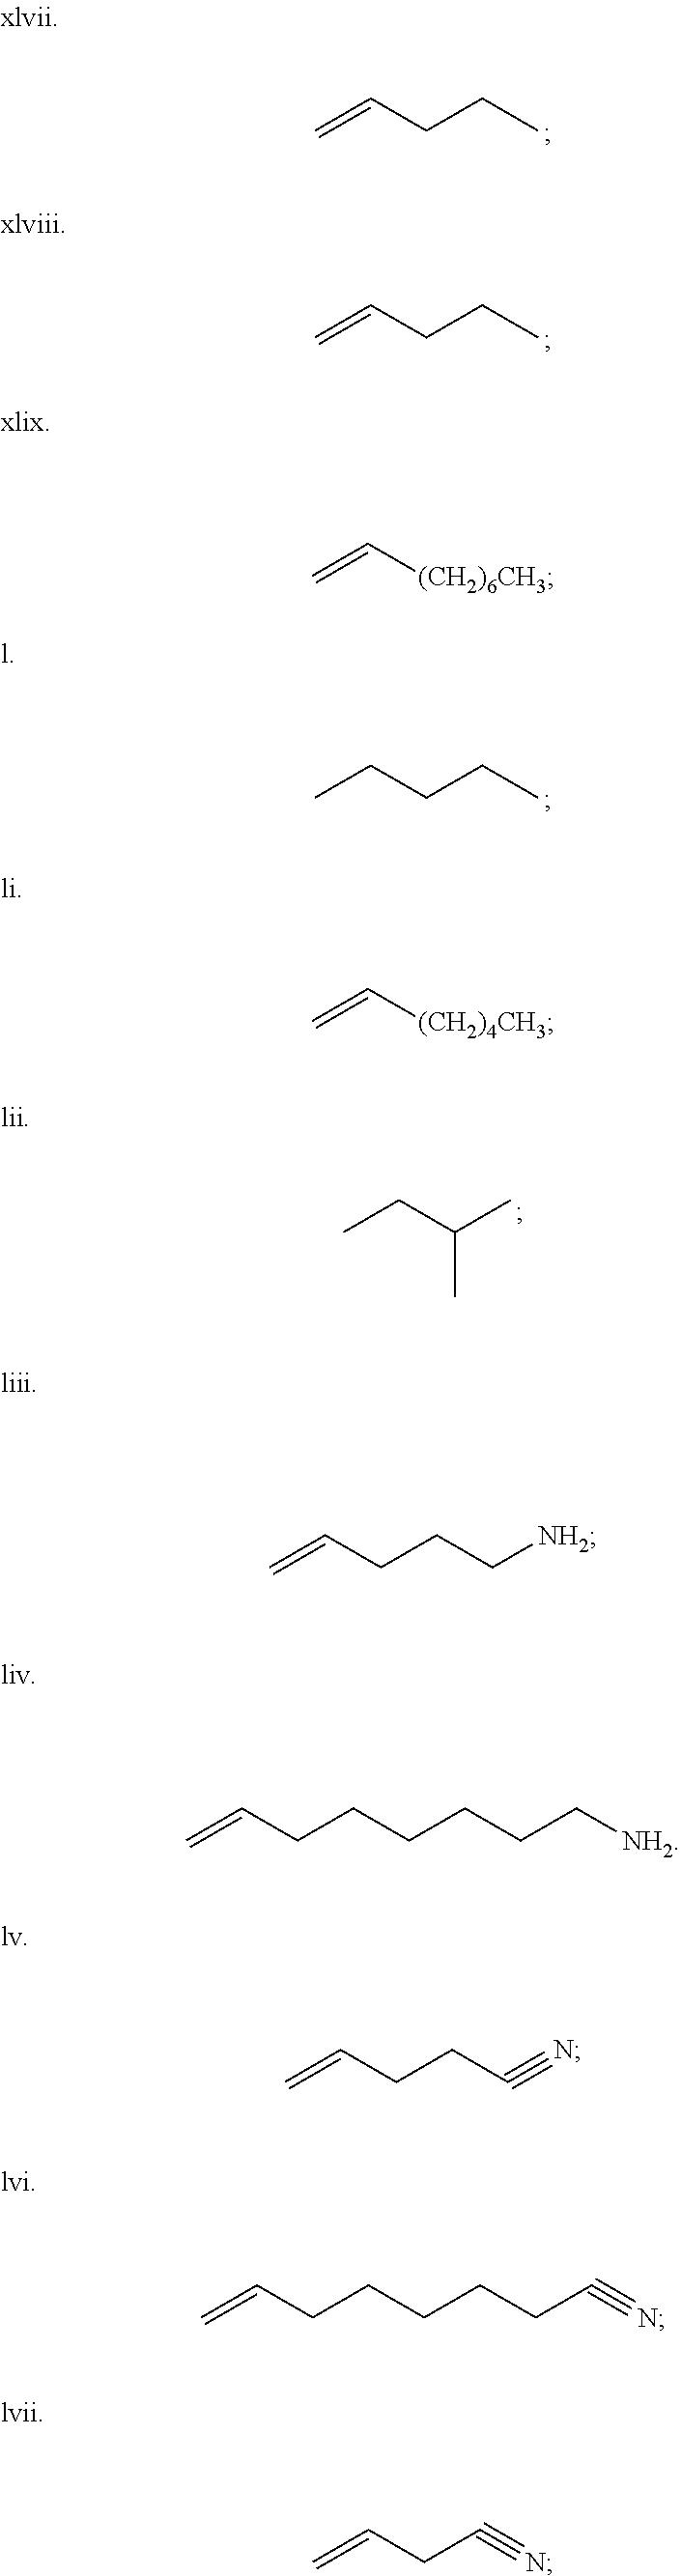 Figure US09200038-20151201-C00007